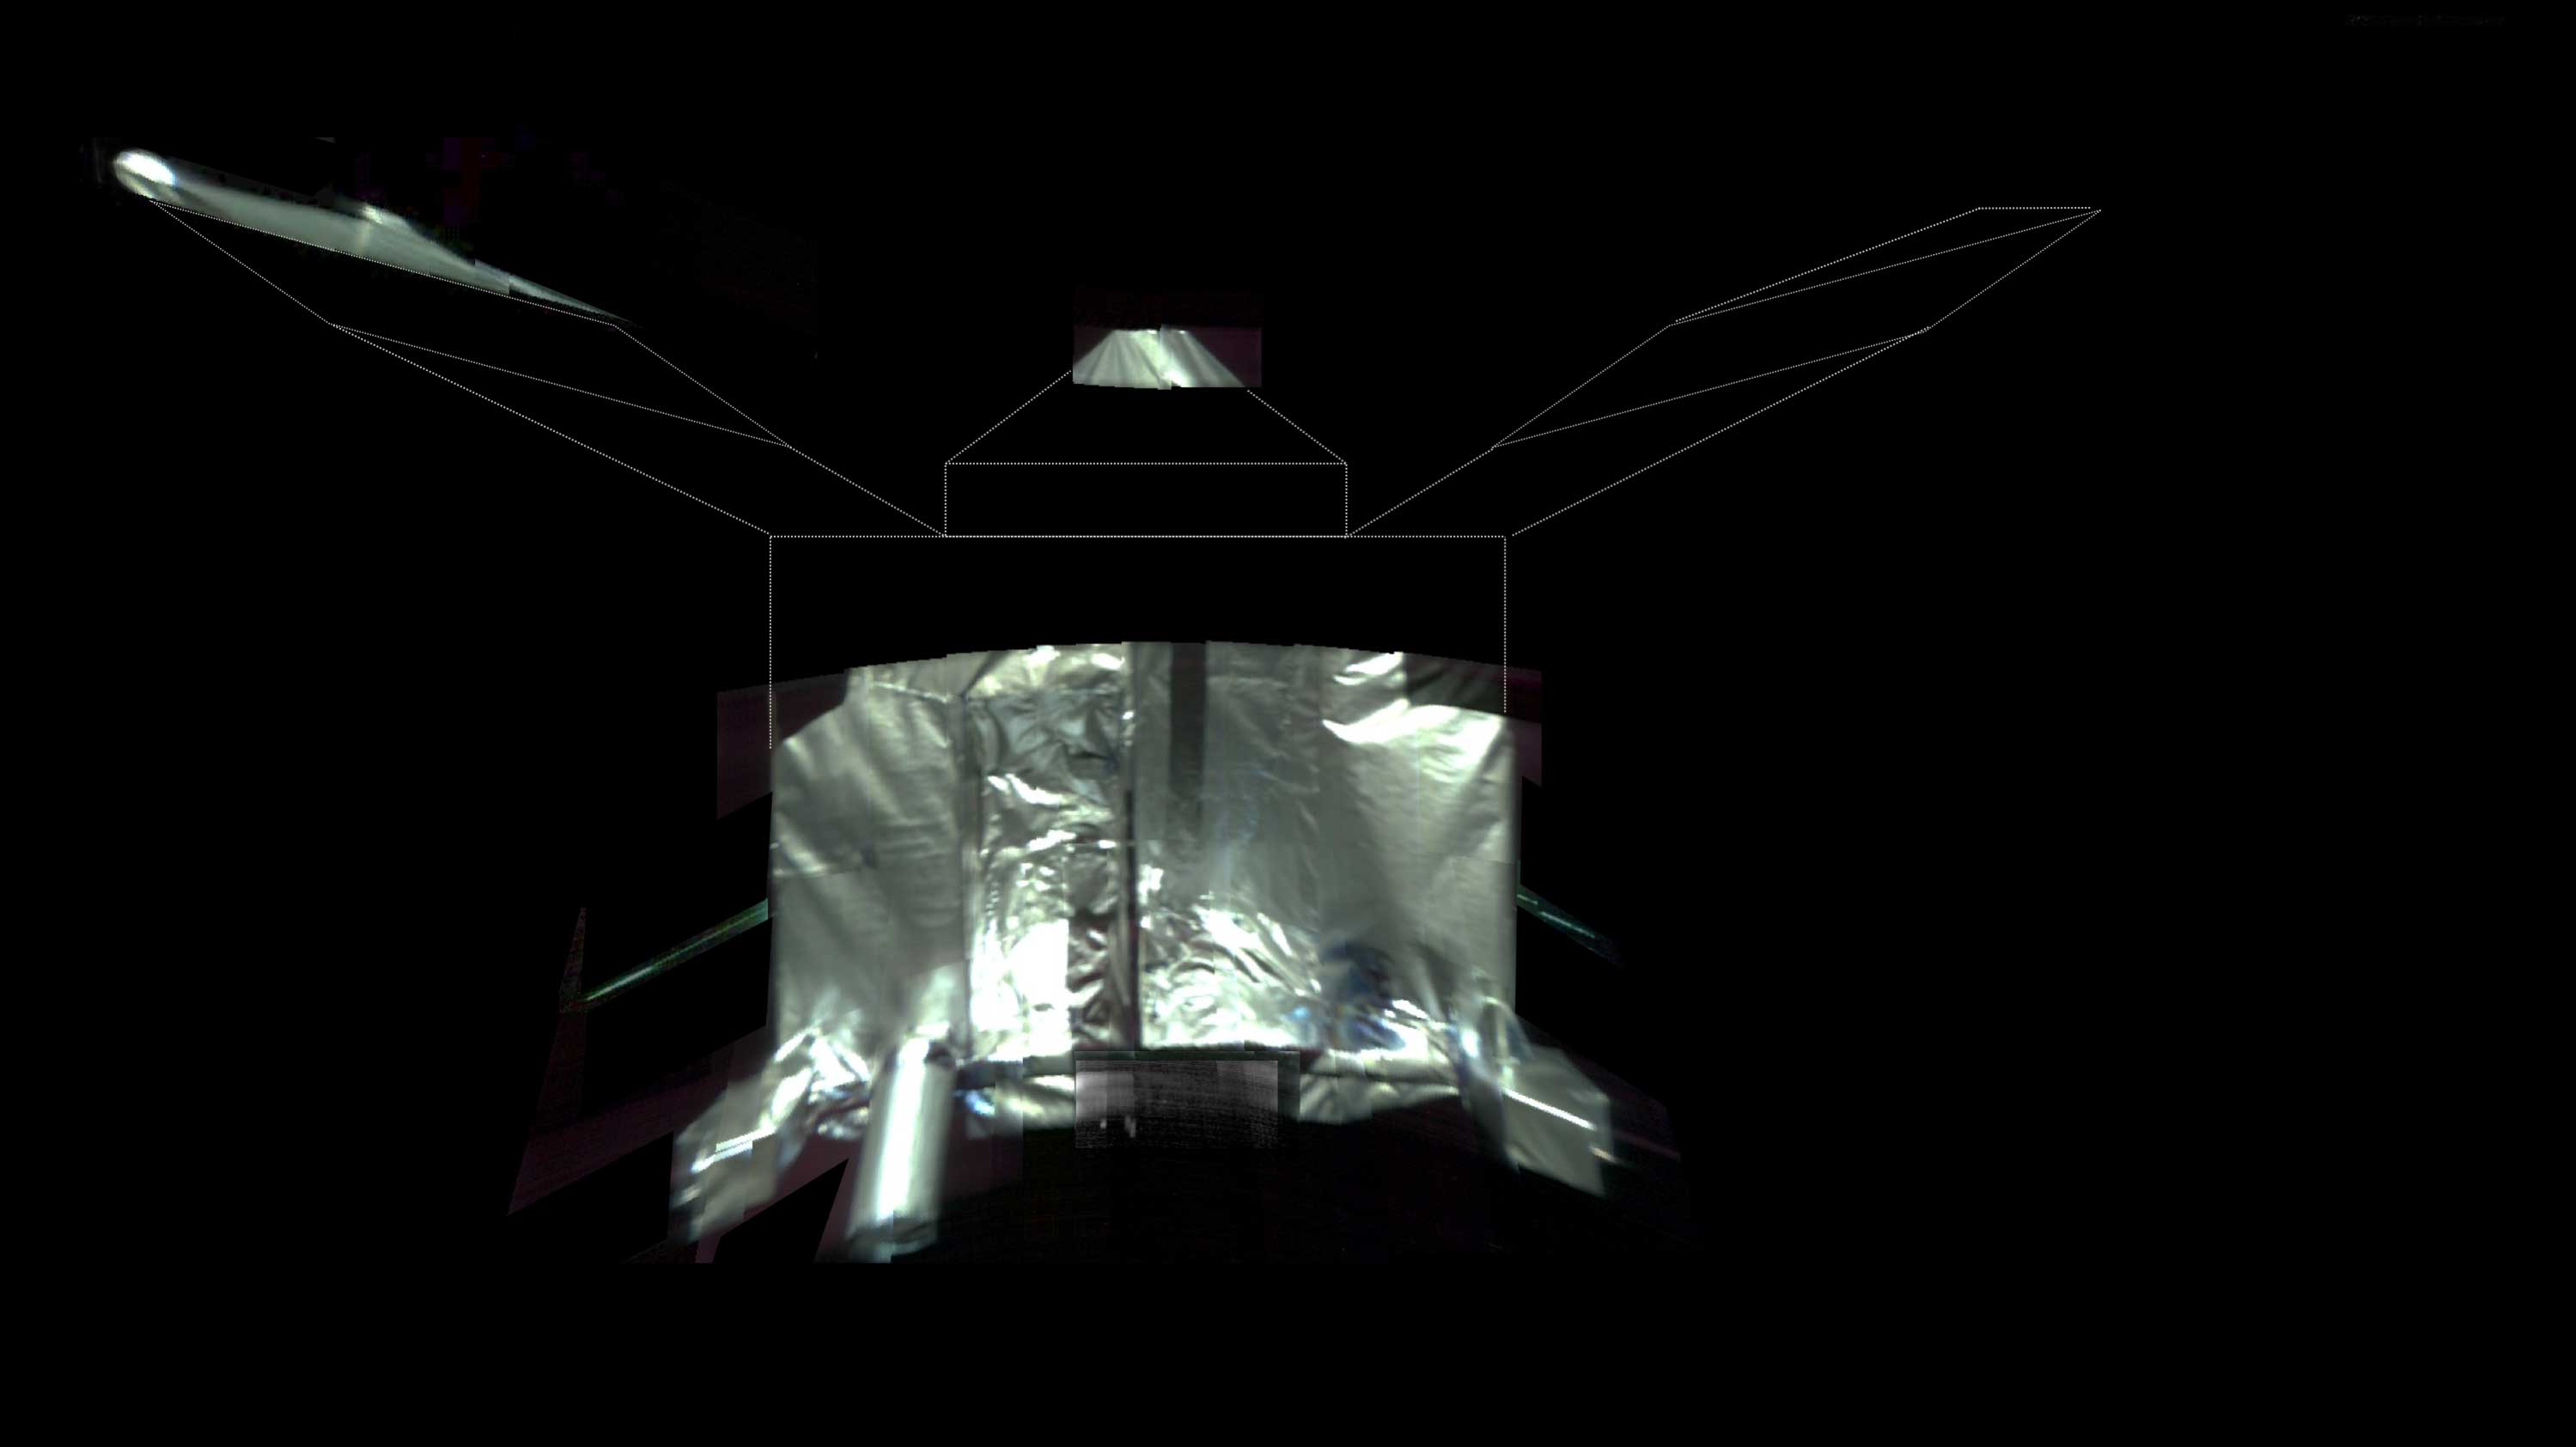 NASA's Mars probe beams back selfie to mark four years in orbit